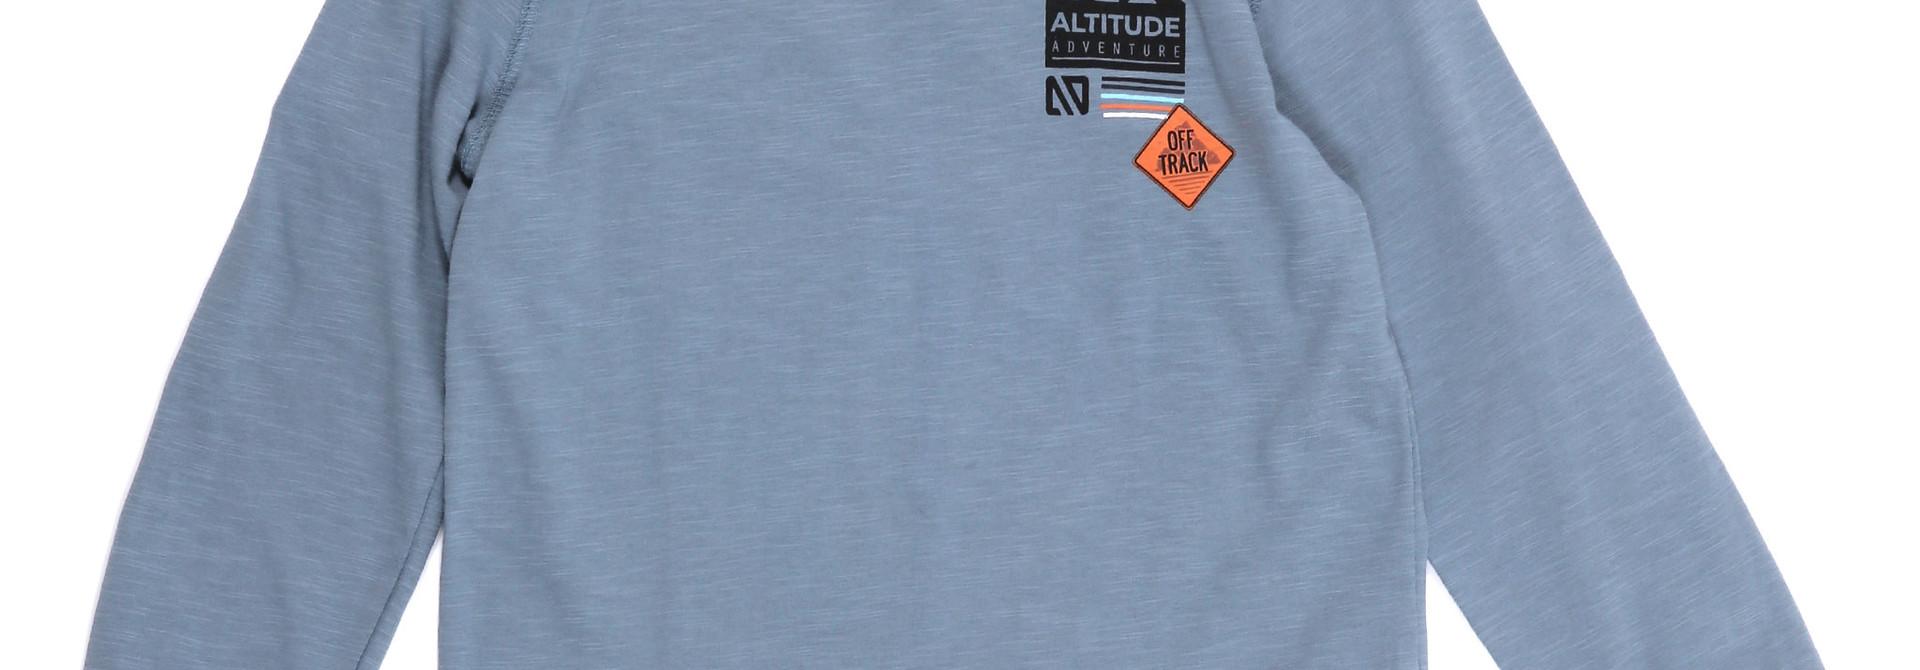 T-shirt Manches longues Alpine - Haute Altitude